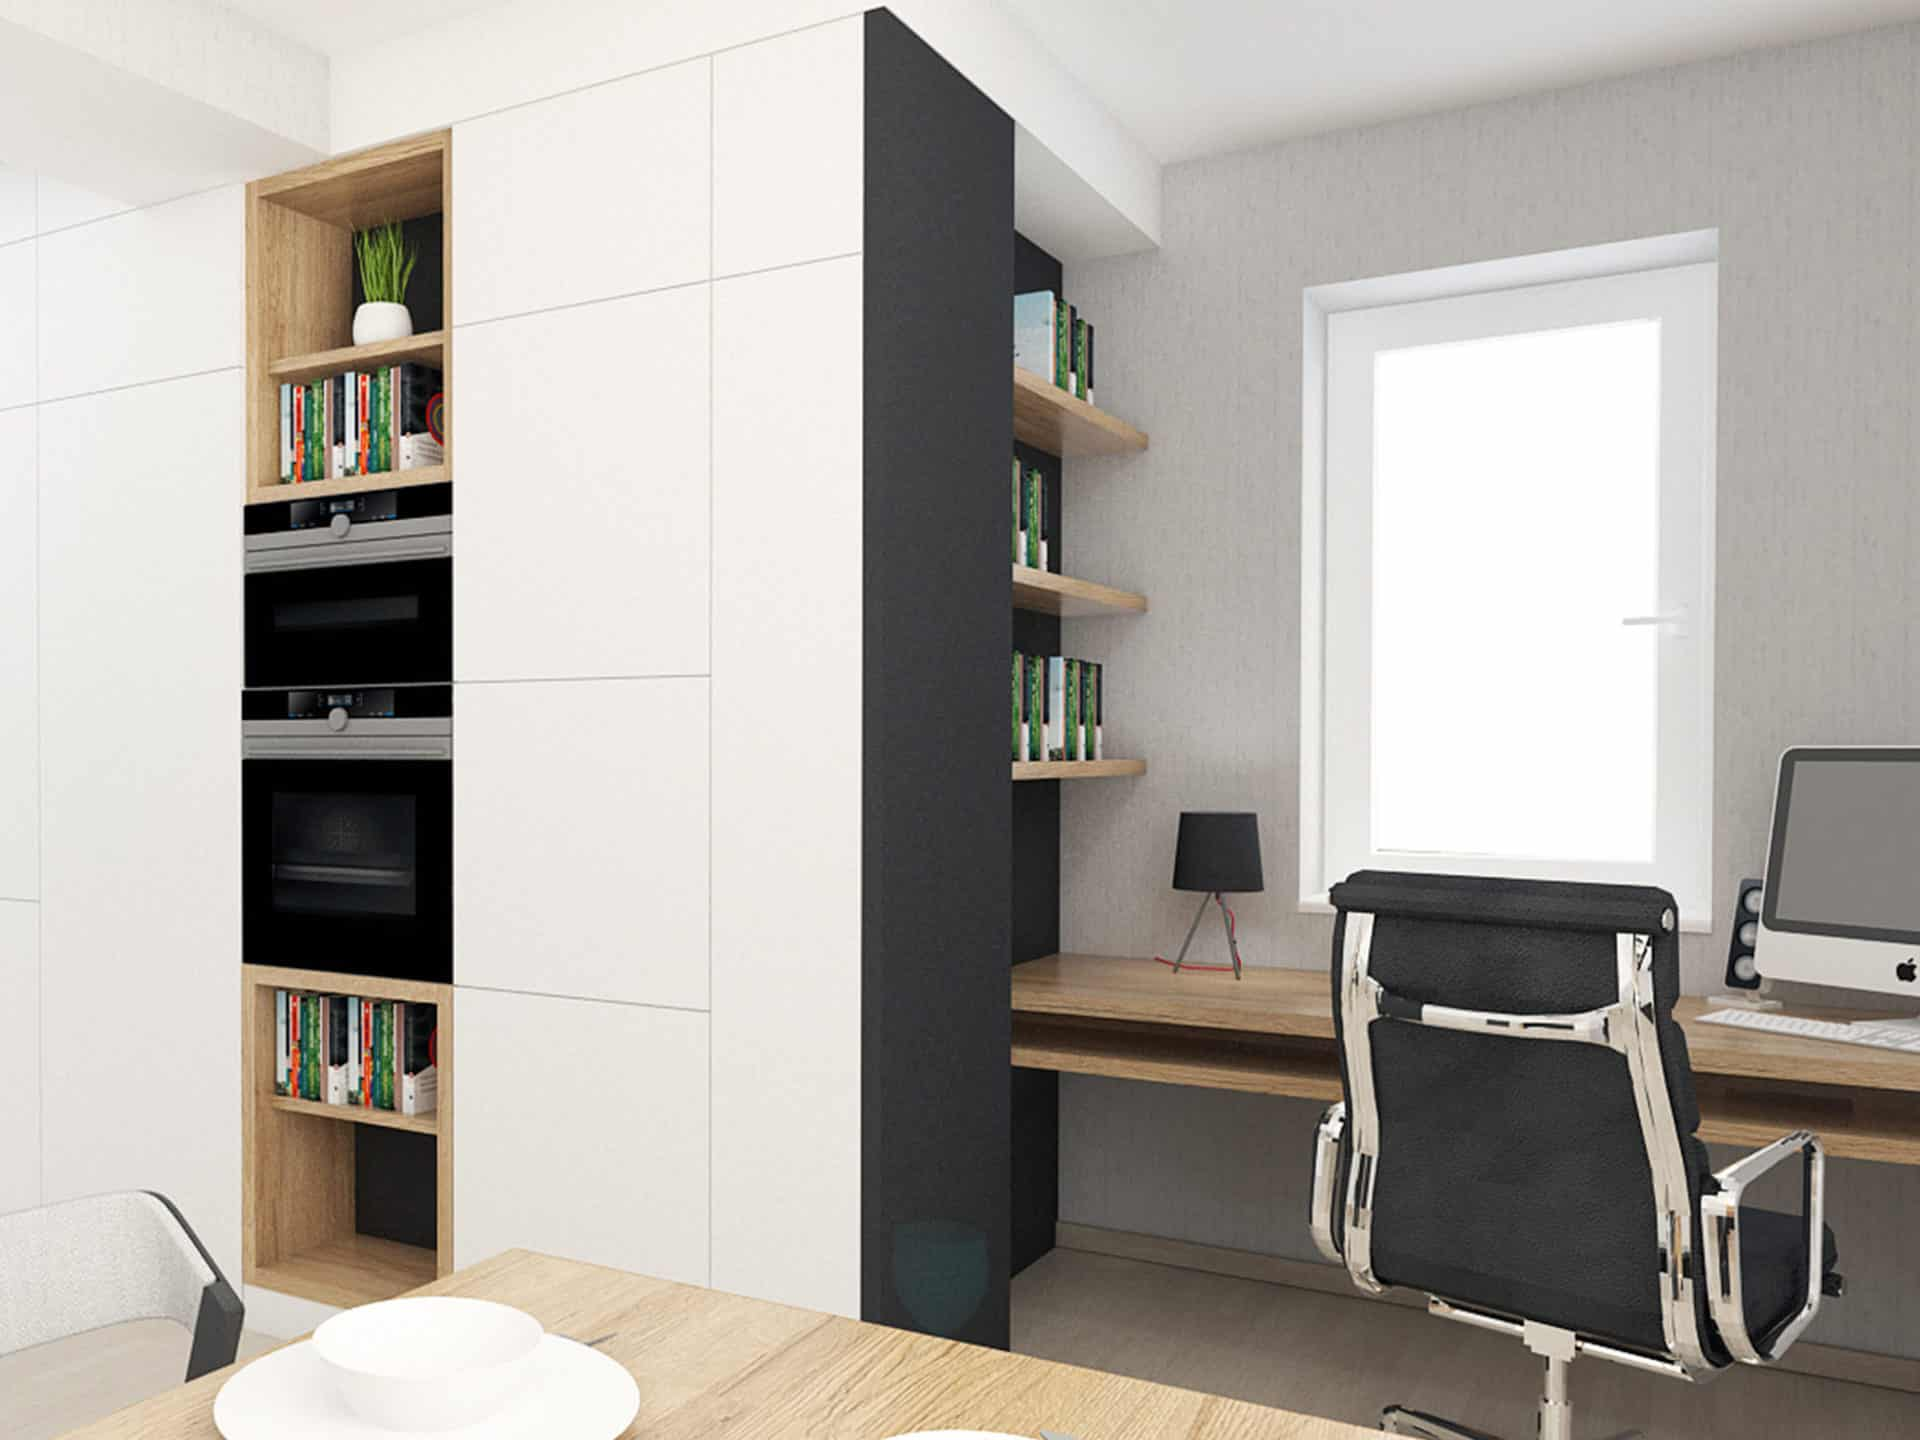 2 izbový byt Košice - Štefánikova - Košice